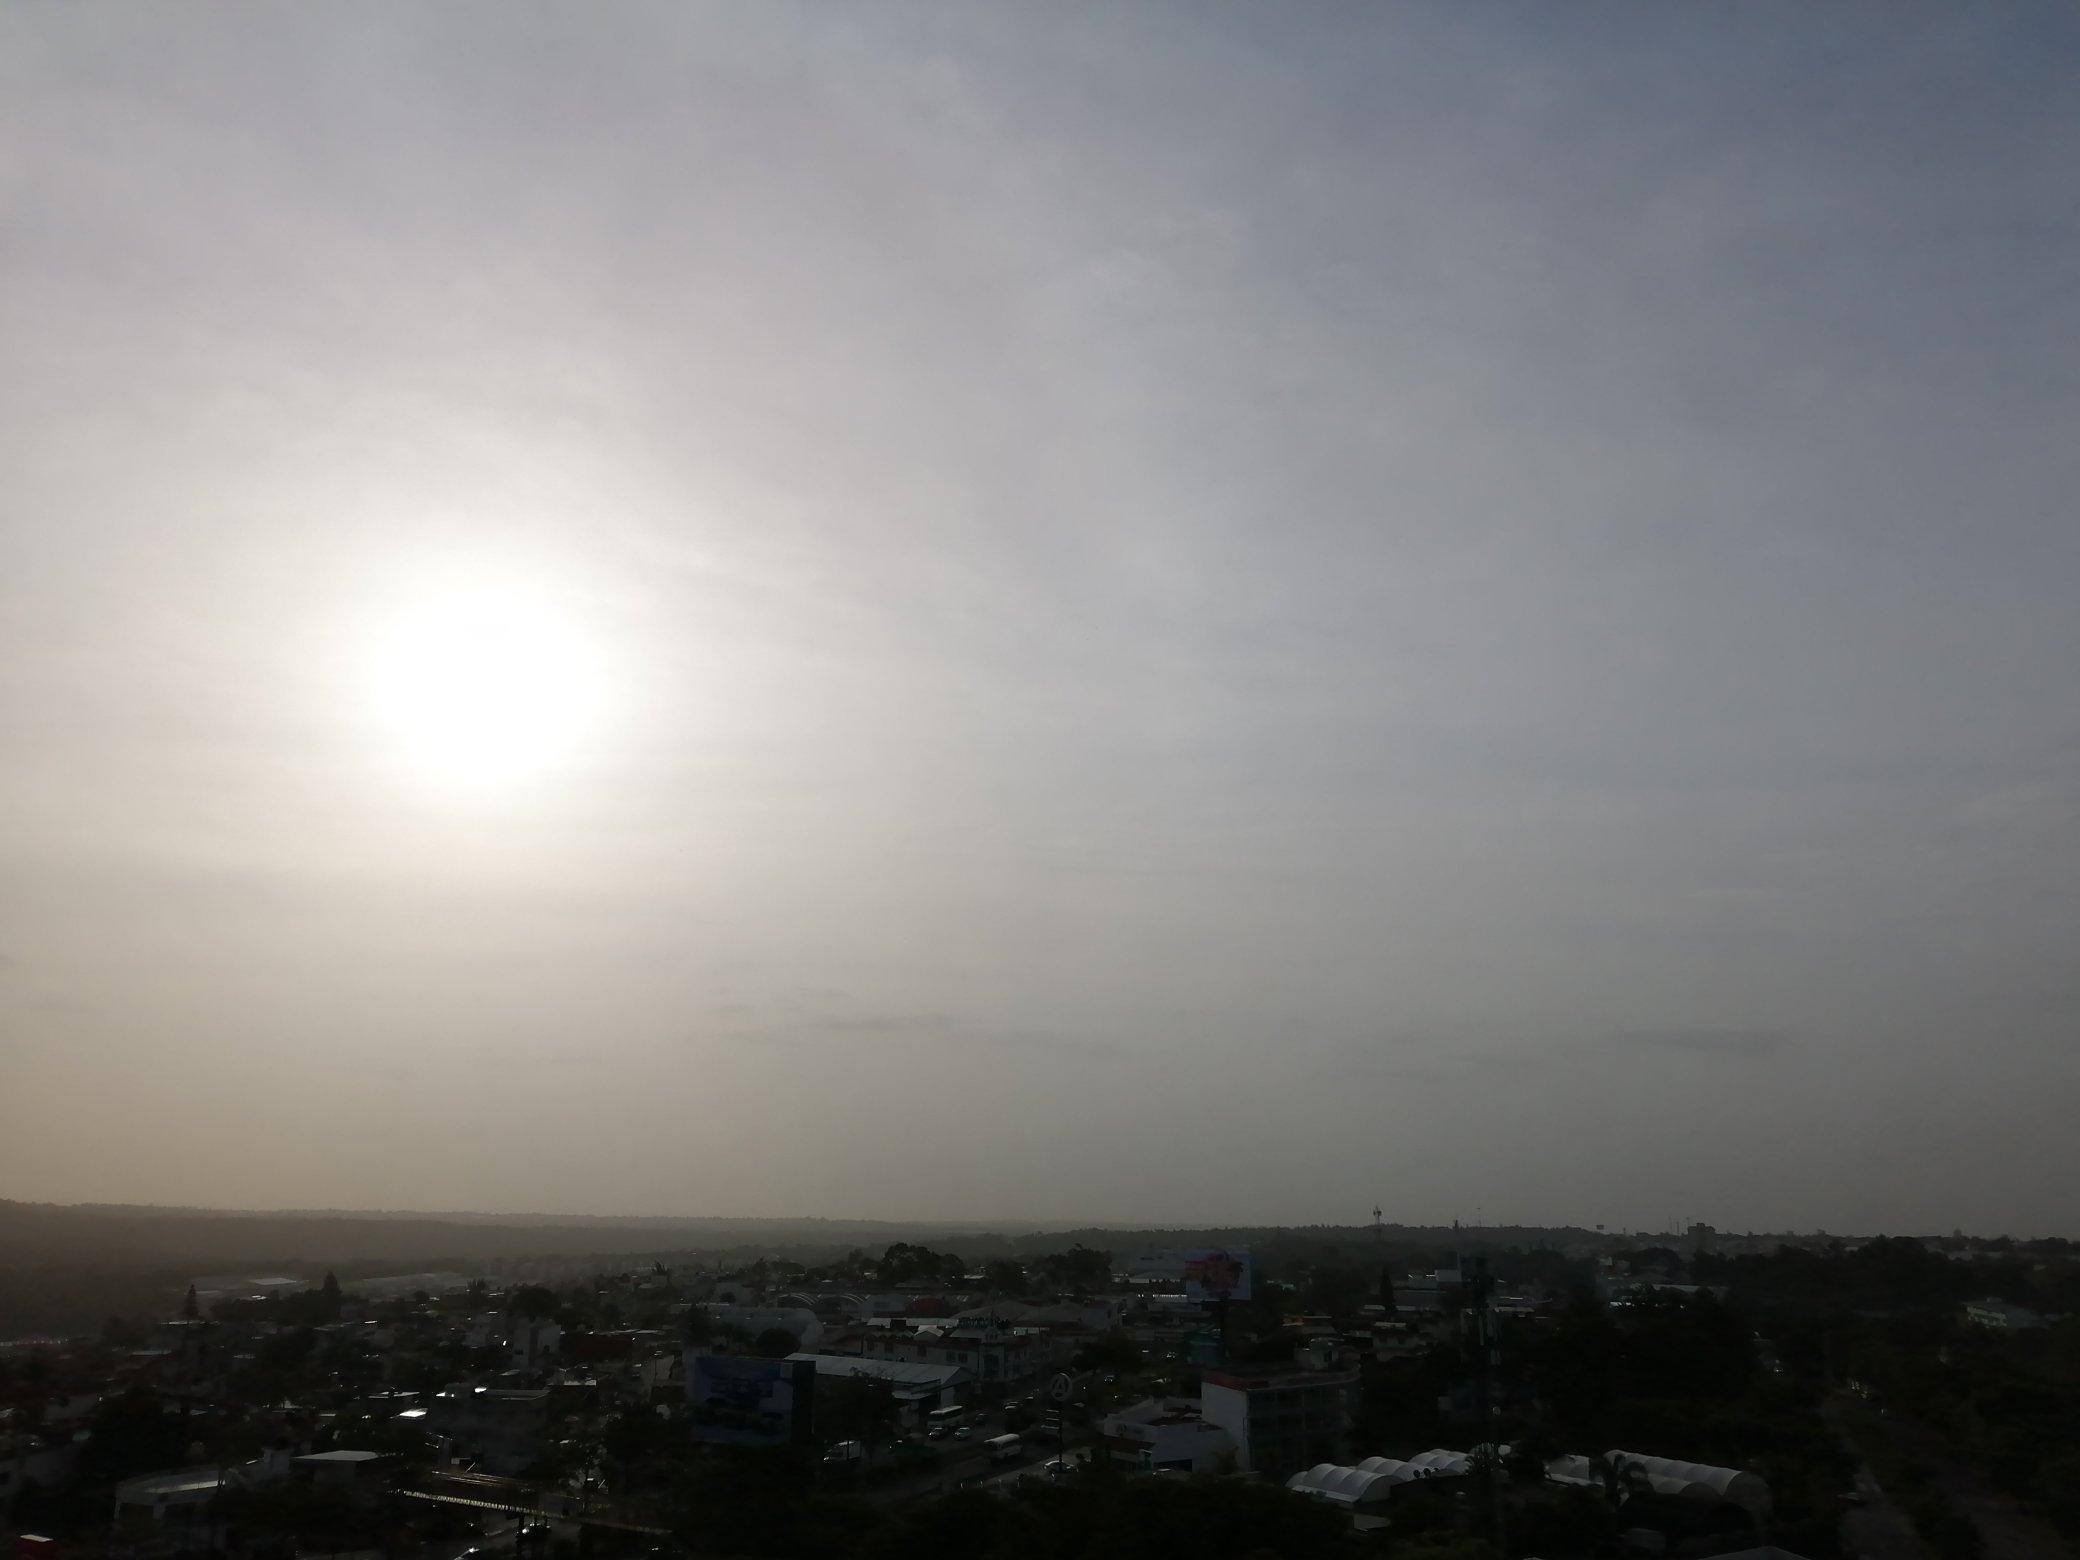 Clima en Veracruz será caluroso y habrá una temperatura máxima de 35 grados